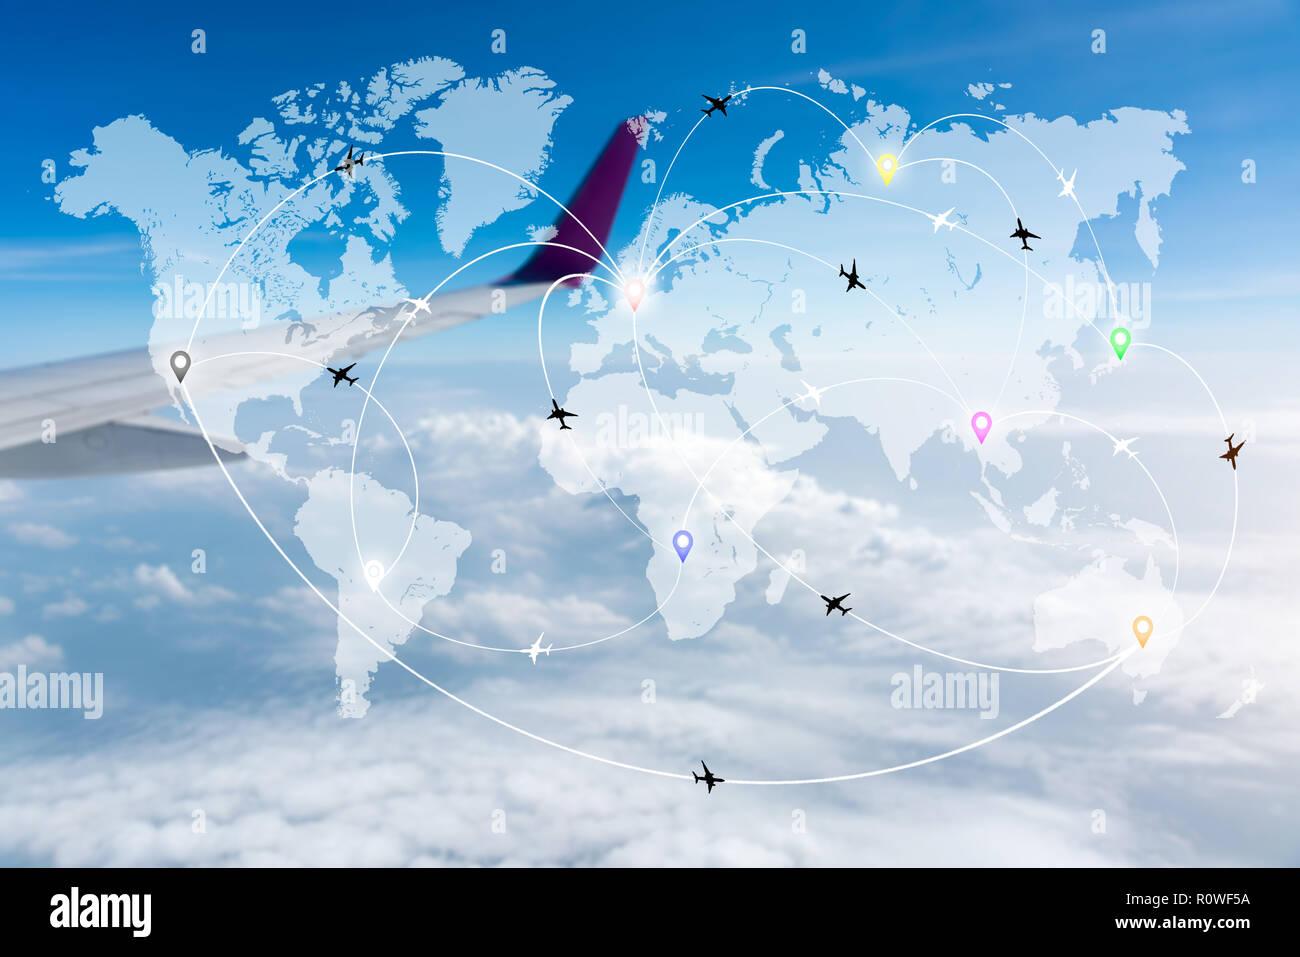 Flugrouten Karte.Karte Von Flugrouten Flugzeuge Netzwerk Mit Unscharfen